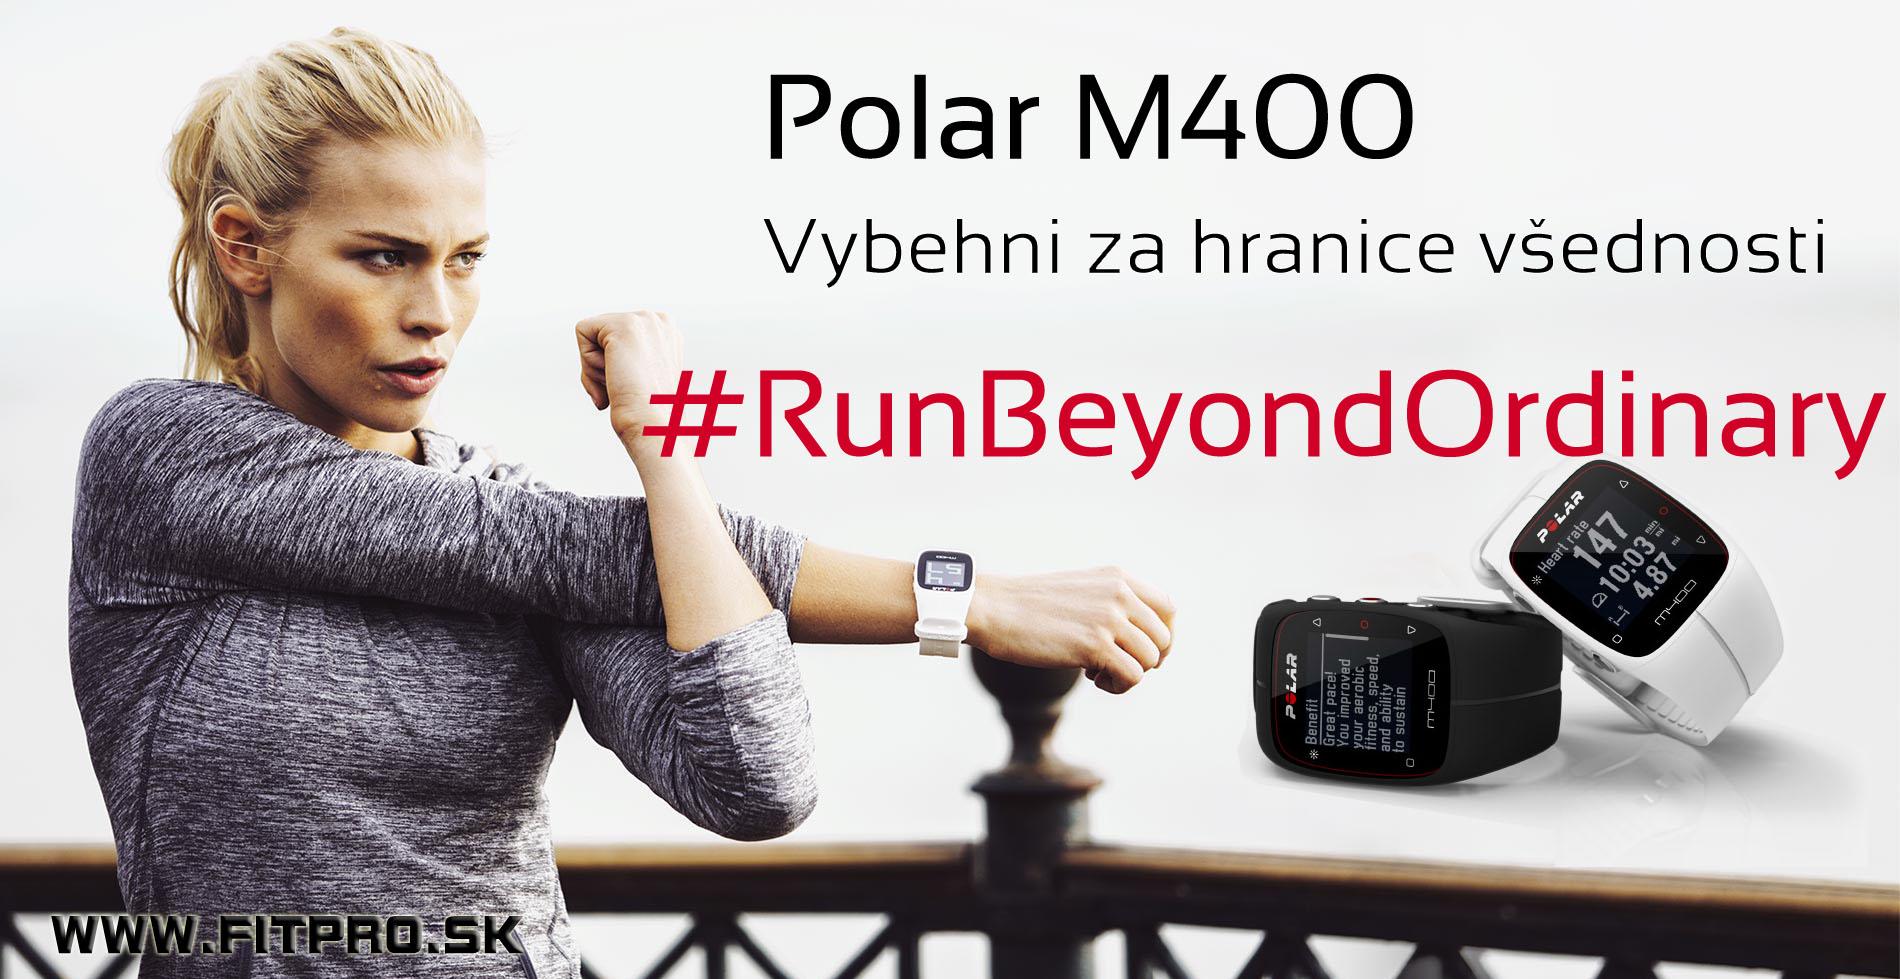 Nový Polar M400. Vybehni za hranice všednosti. #RunBeyondOrdinary - Kliknite a kúpte